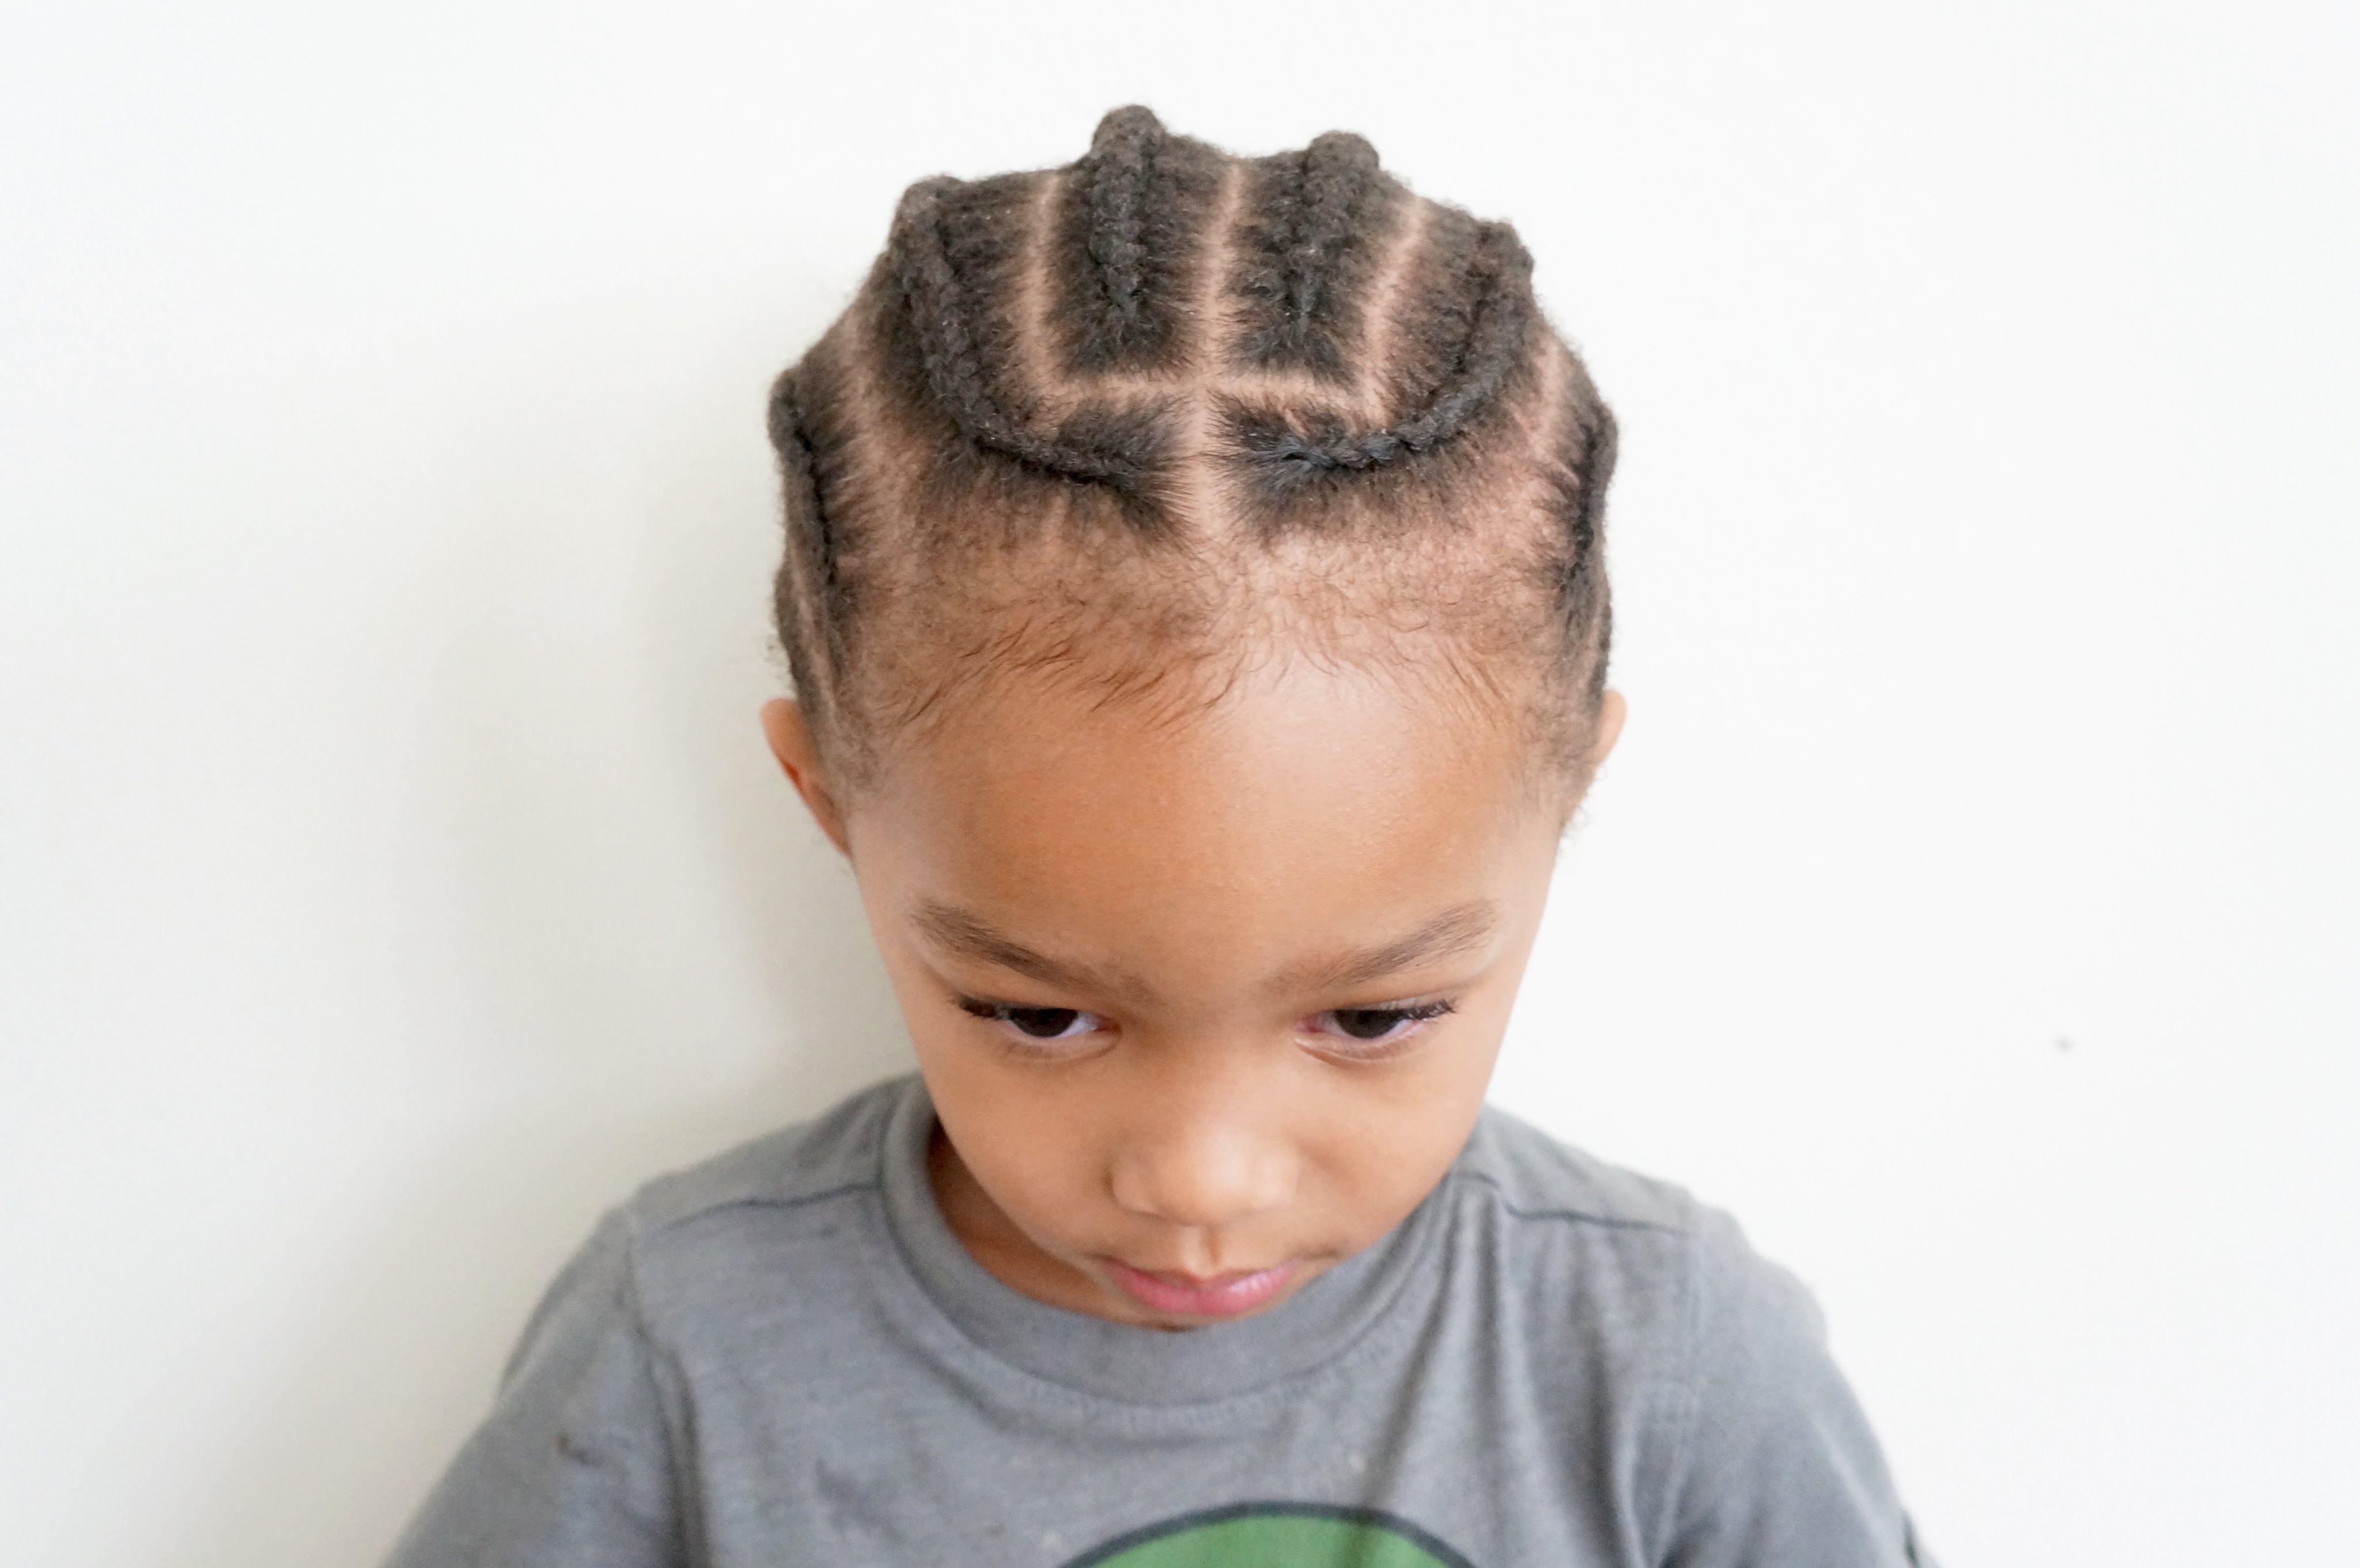 Super Frisuren Fur Gemischtes Haar Short Bobfrisuren Afro Cabellochino Balayage Schone Ombre Cab Braids For Boys Boy Braids Hairstyles Boy Braid Styles